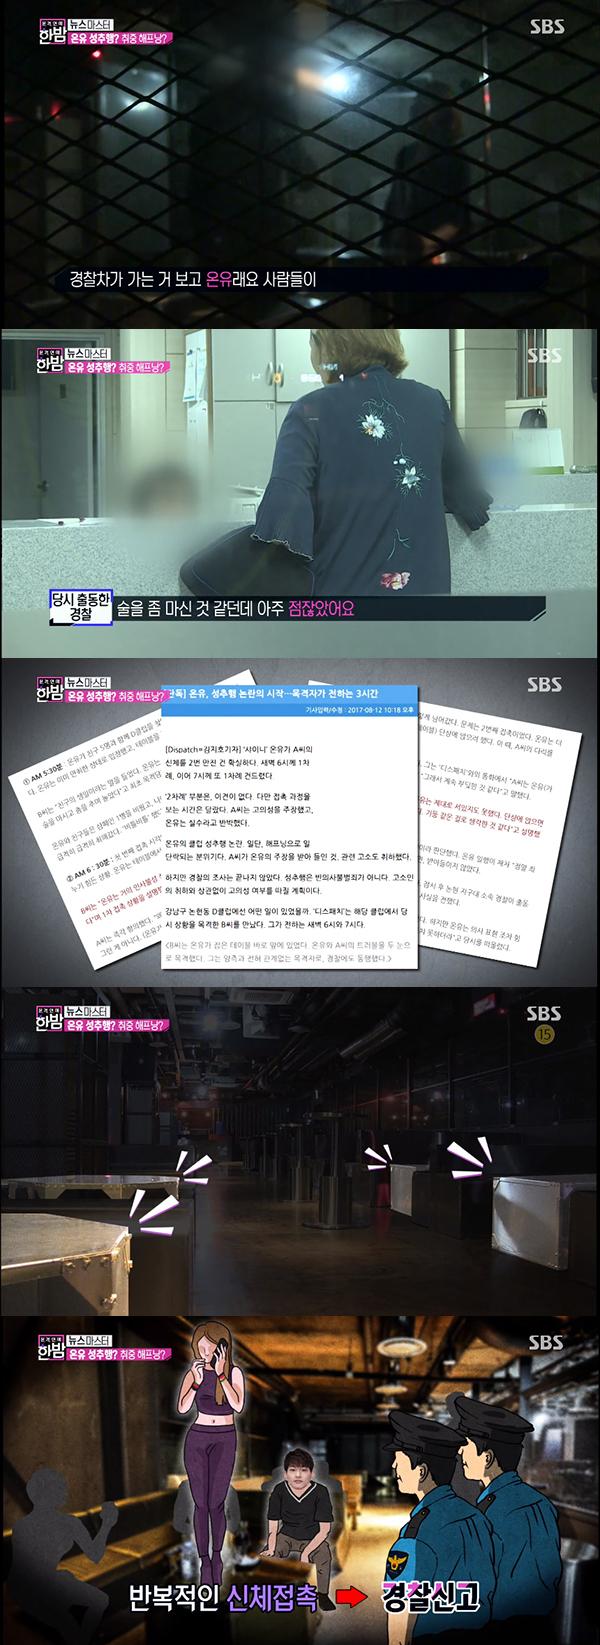 「新SBSテレビ芸能」放送画面